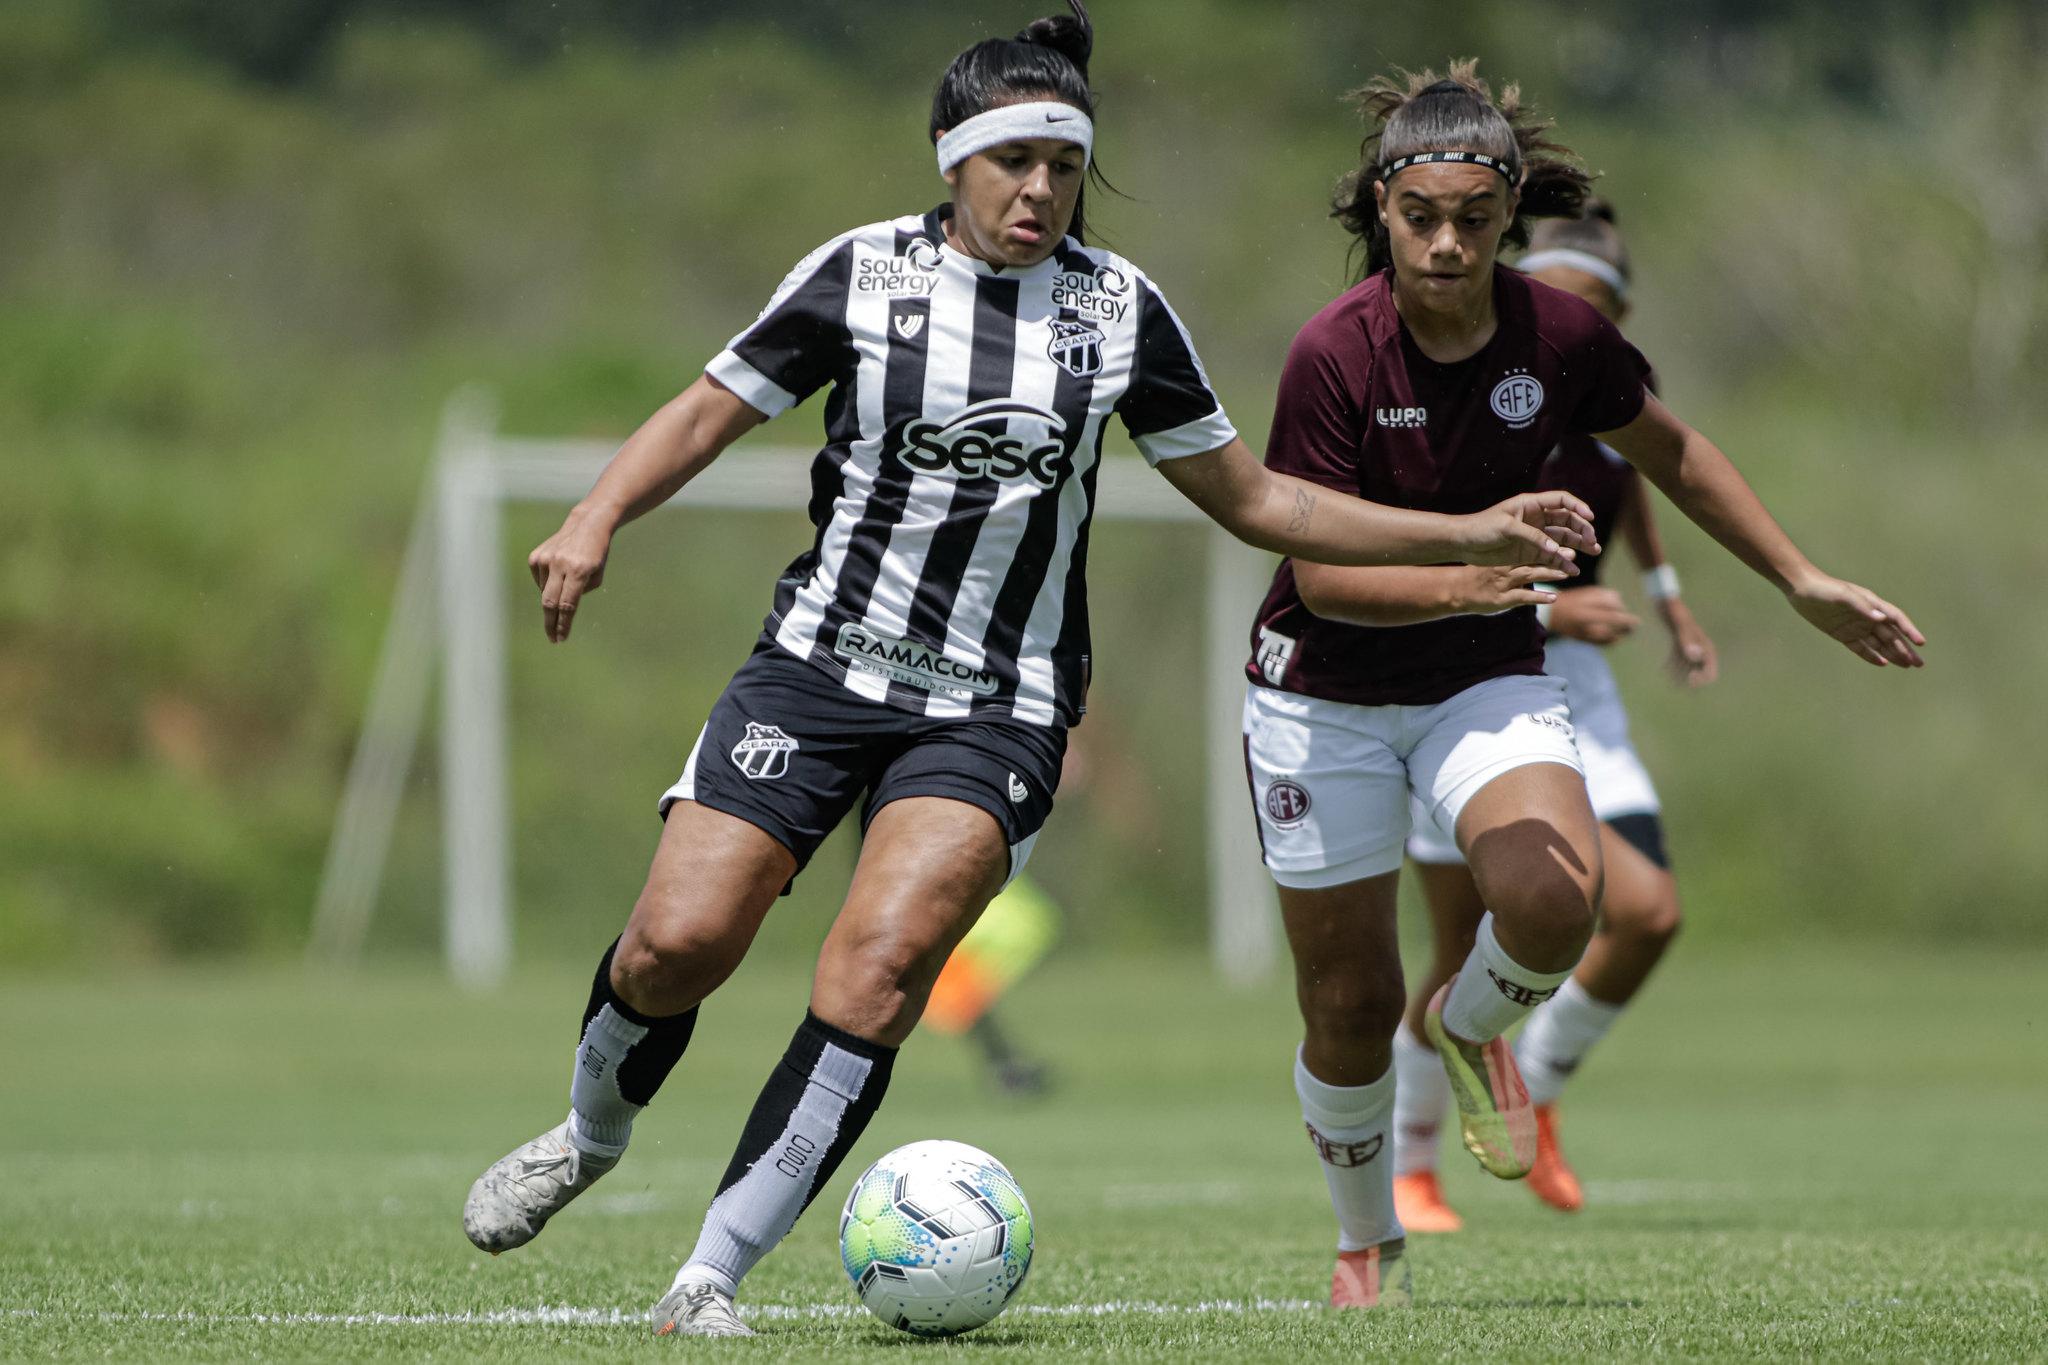 Ferroviária vence o Ceará por 5 a 0 e encaminha classificação para a próxima fase do Brasileirão Feminino Sub-18 - Olimpia Sports